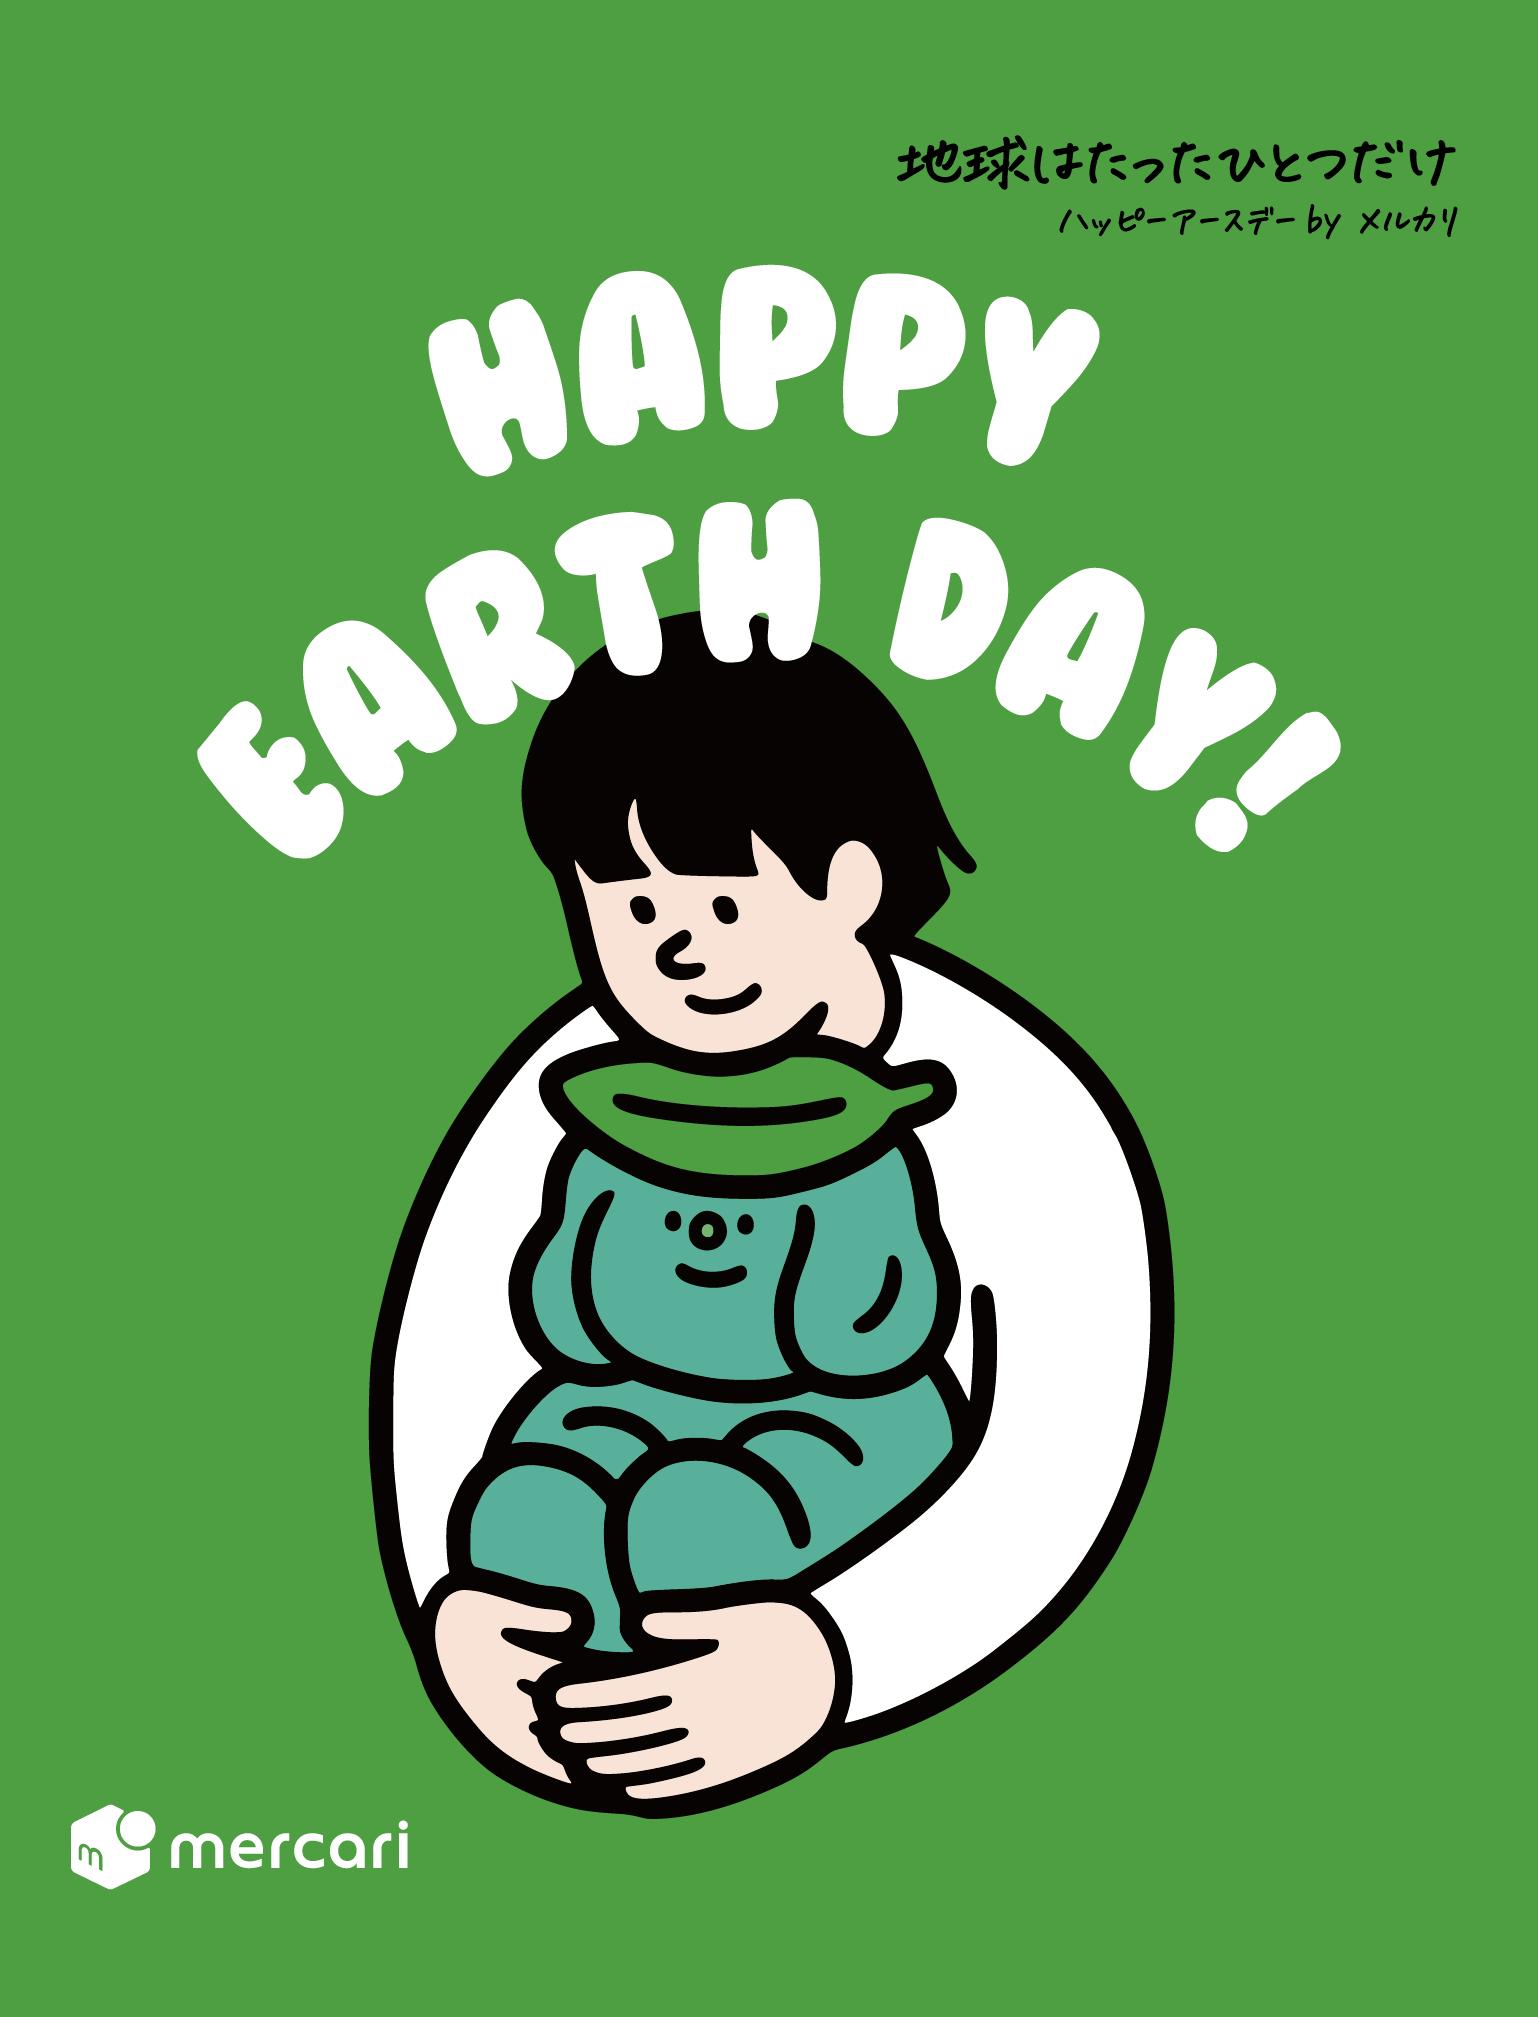 【アースデーからはじめよう】HAPPY EARTH DAY!プロジェクト